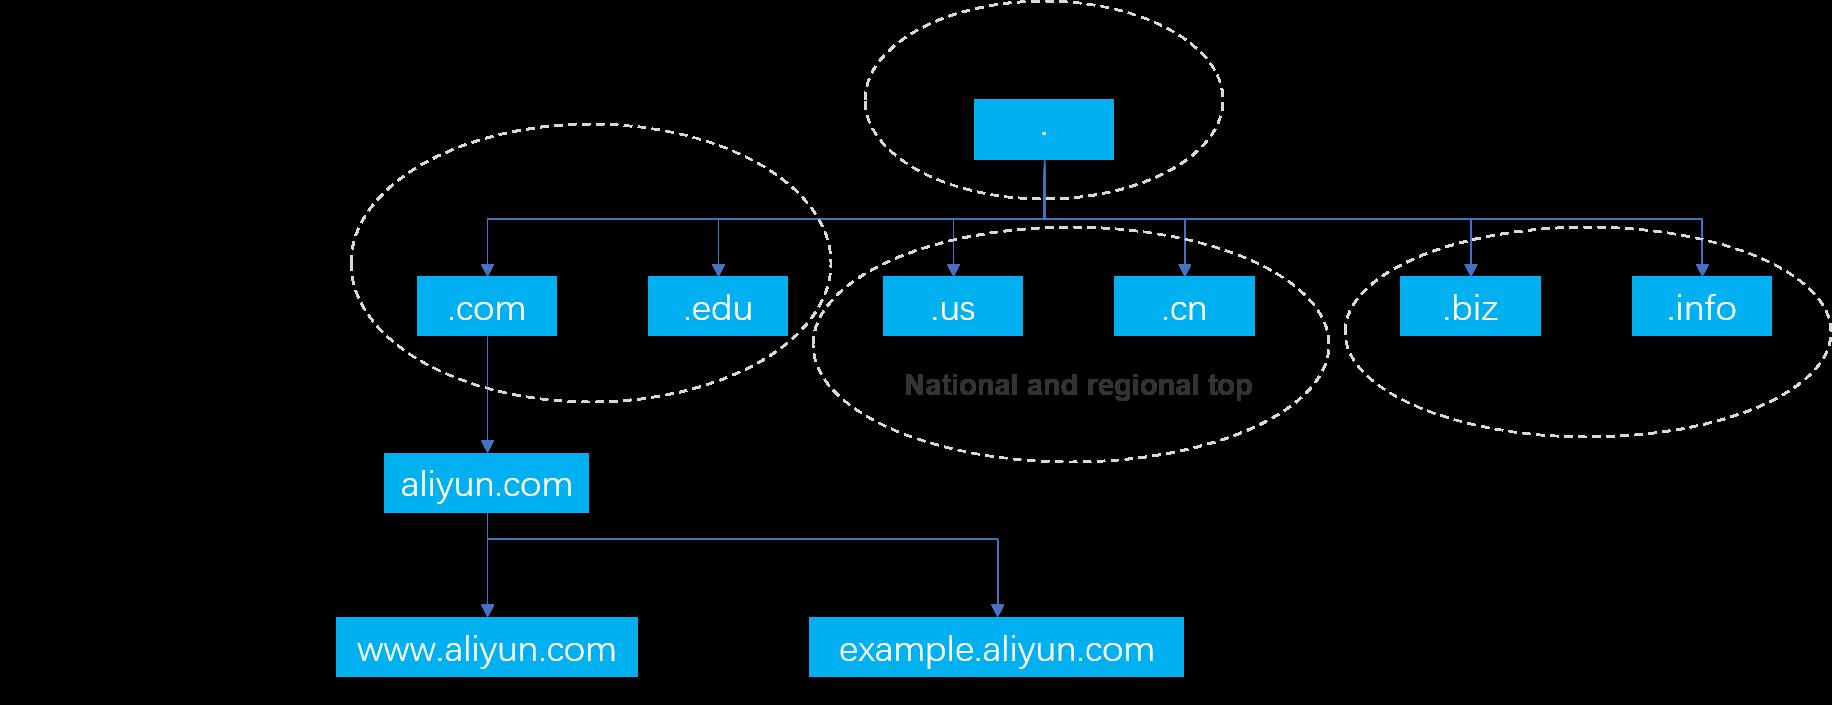 Domain hierarchy